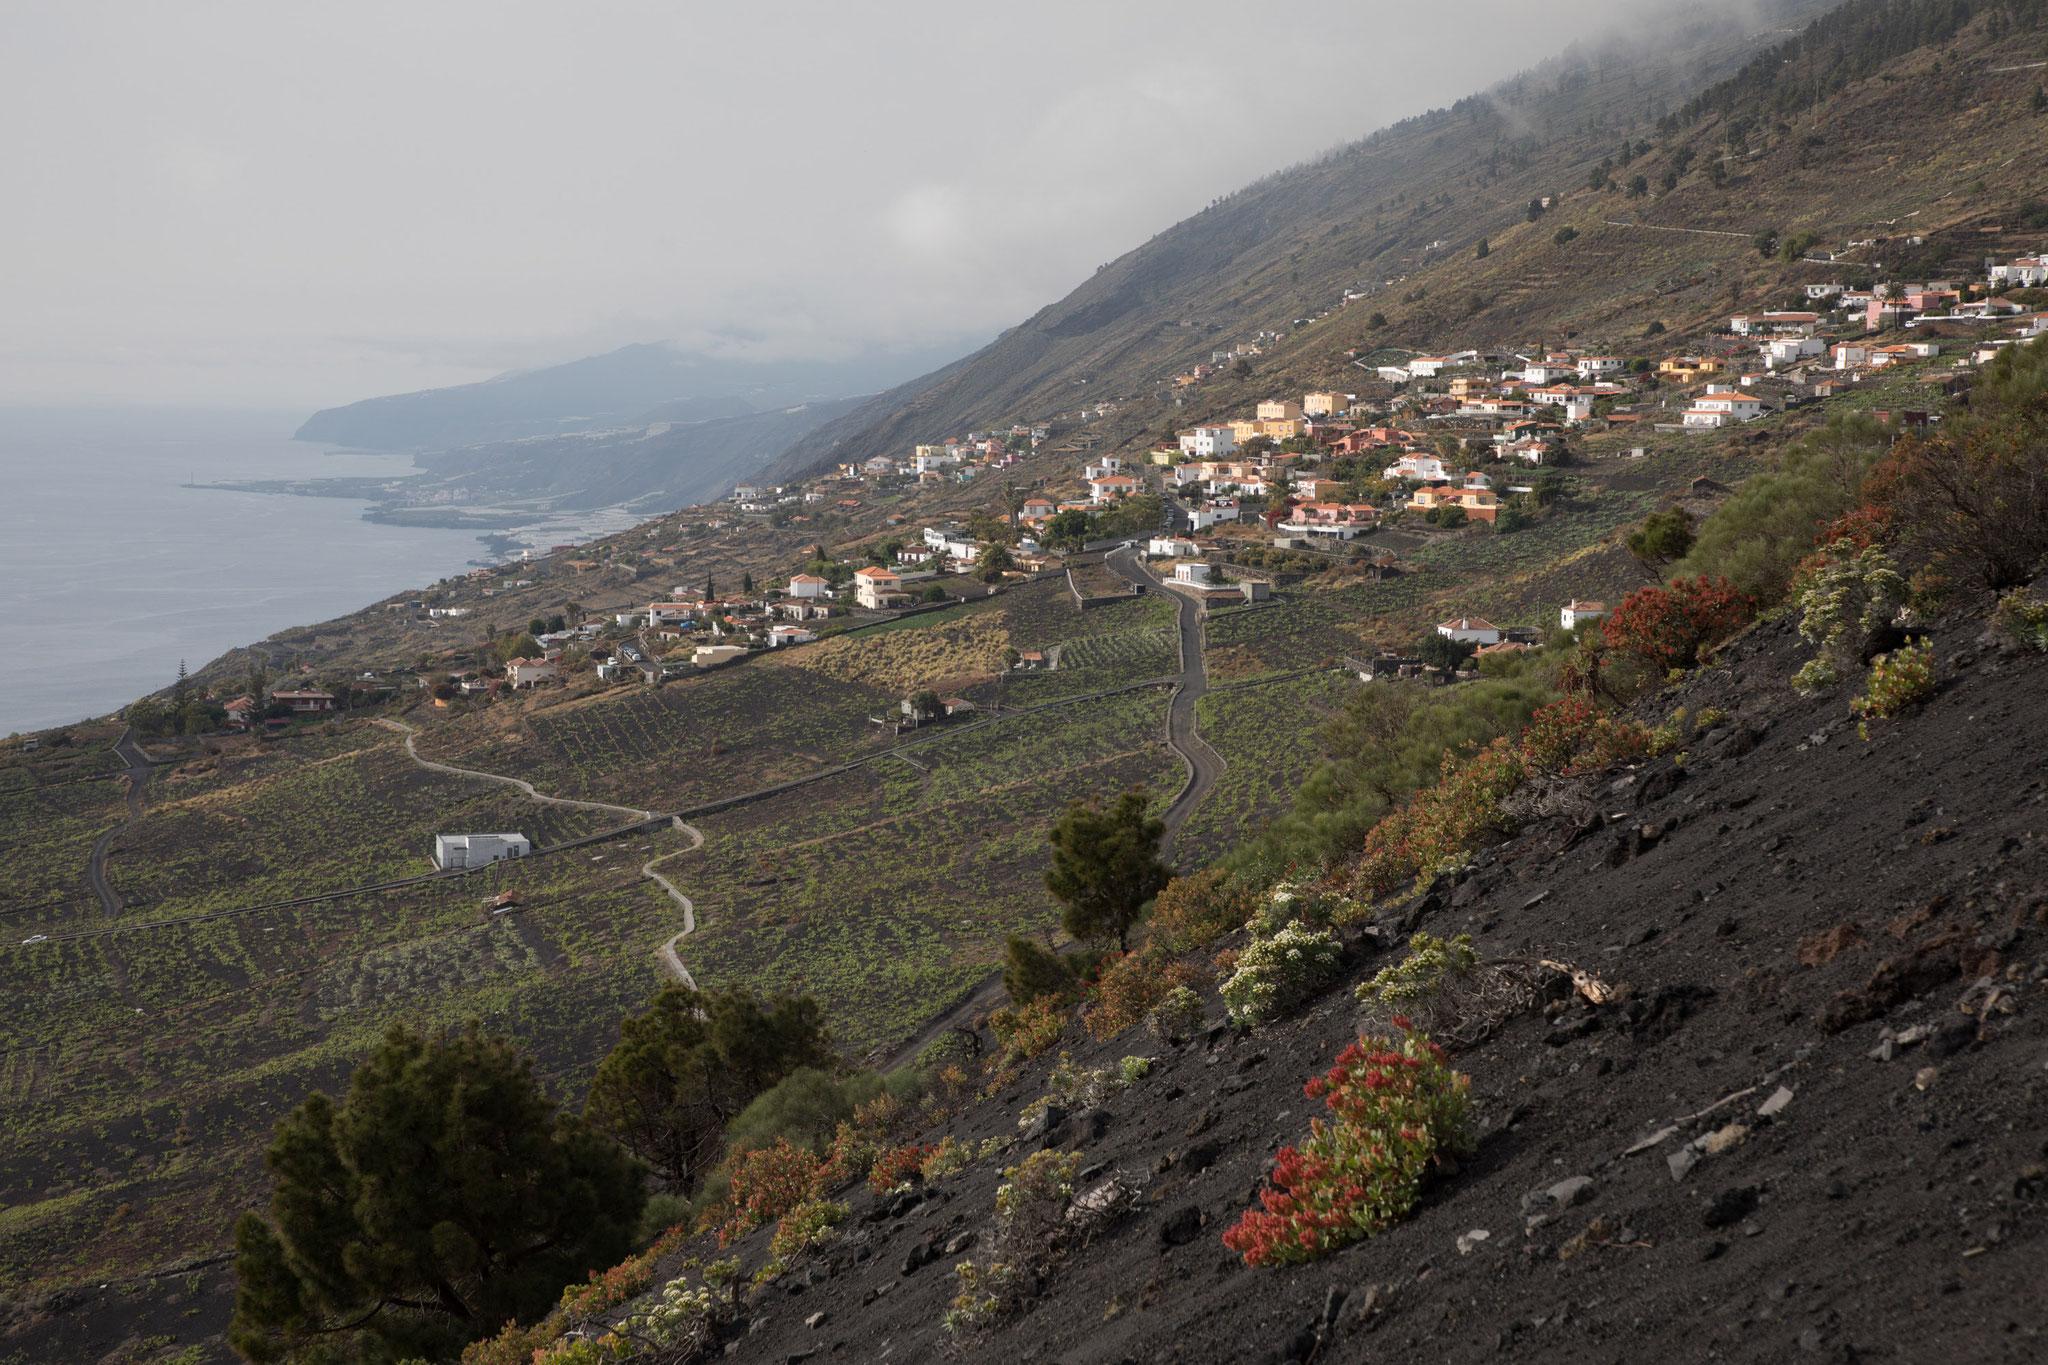 Am Weg zum Volcan de Teneguia - Blick zurück nach Los Quemados